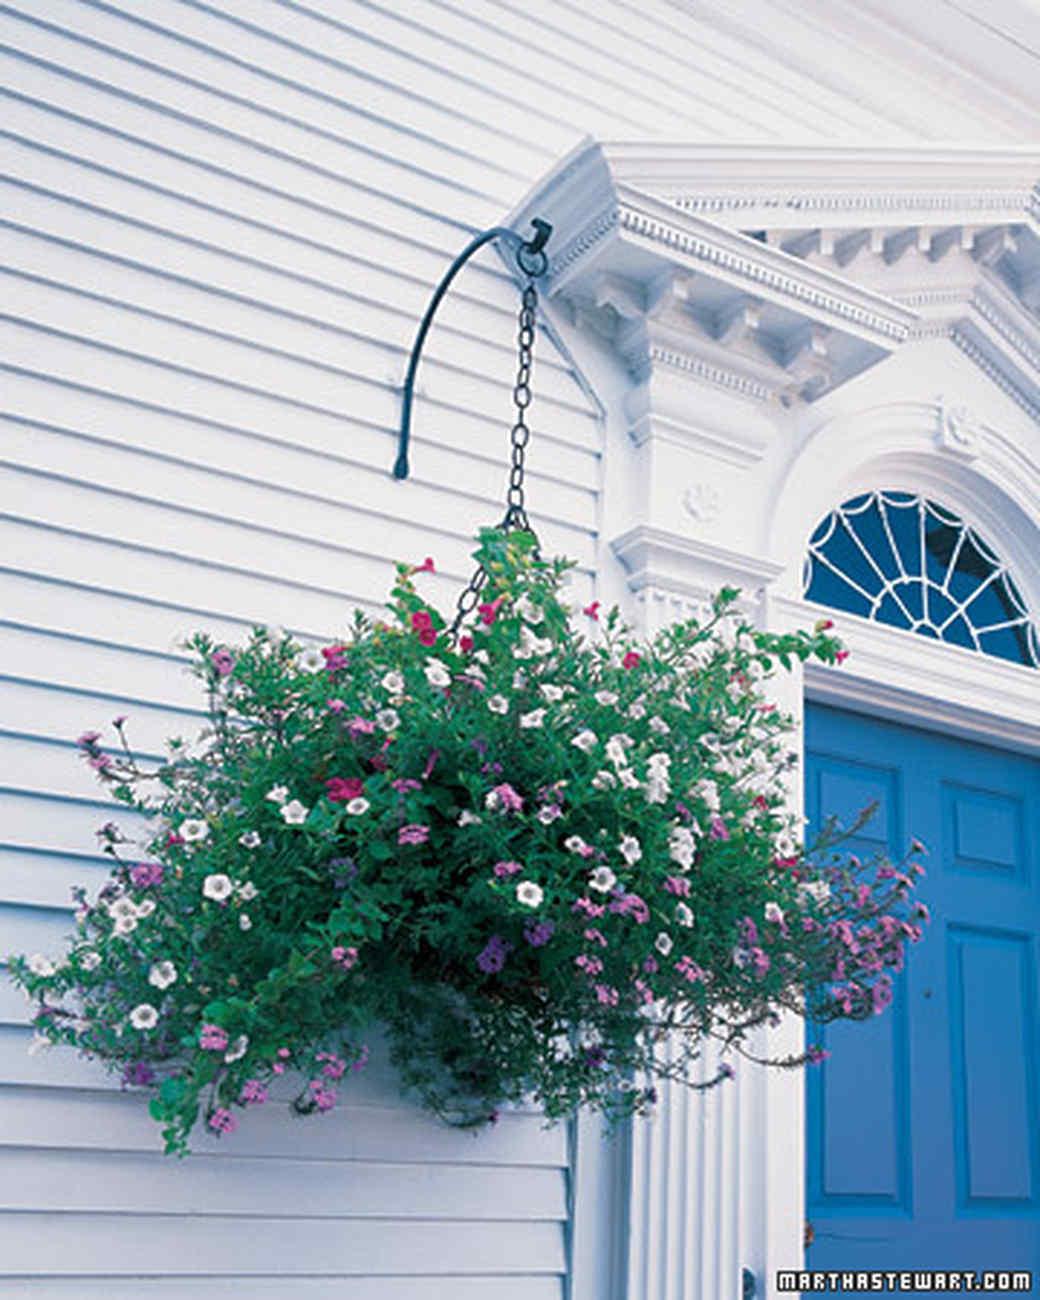 bmvn_0398_planter_door.jpg